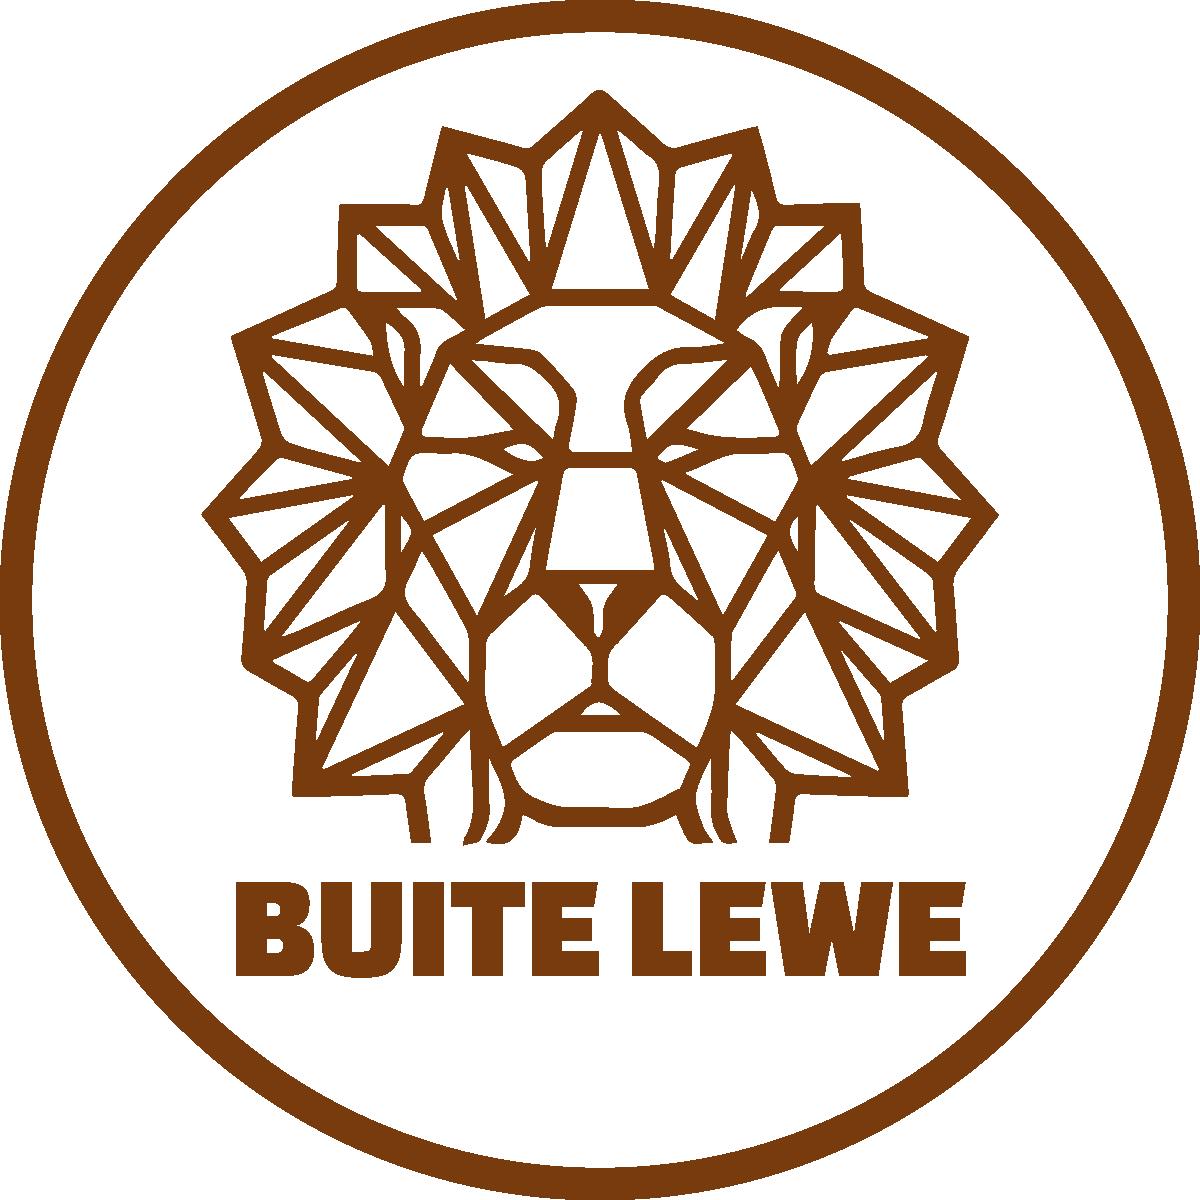 Buitelewe logo